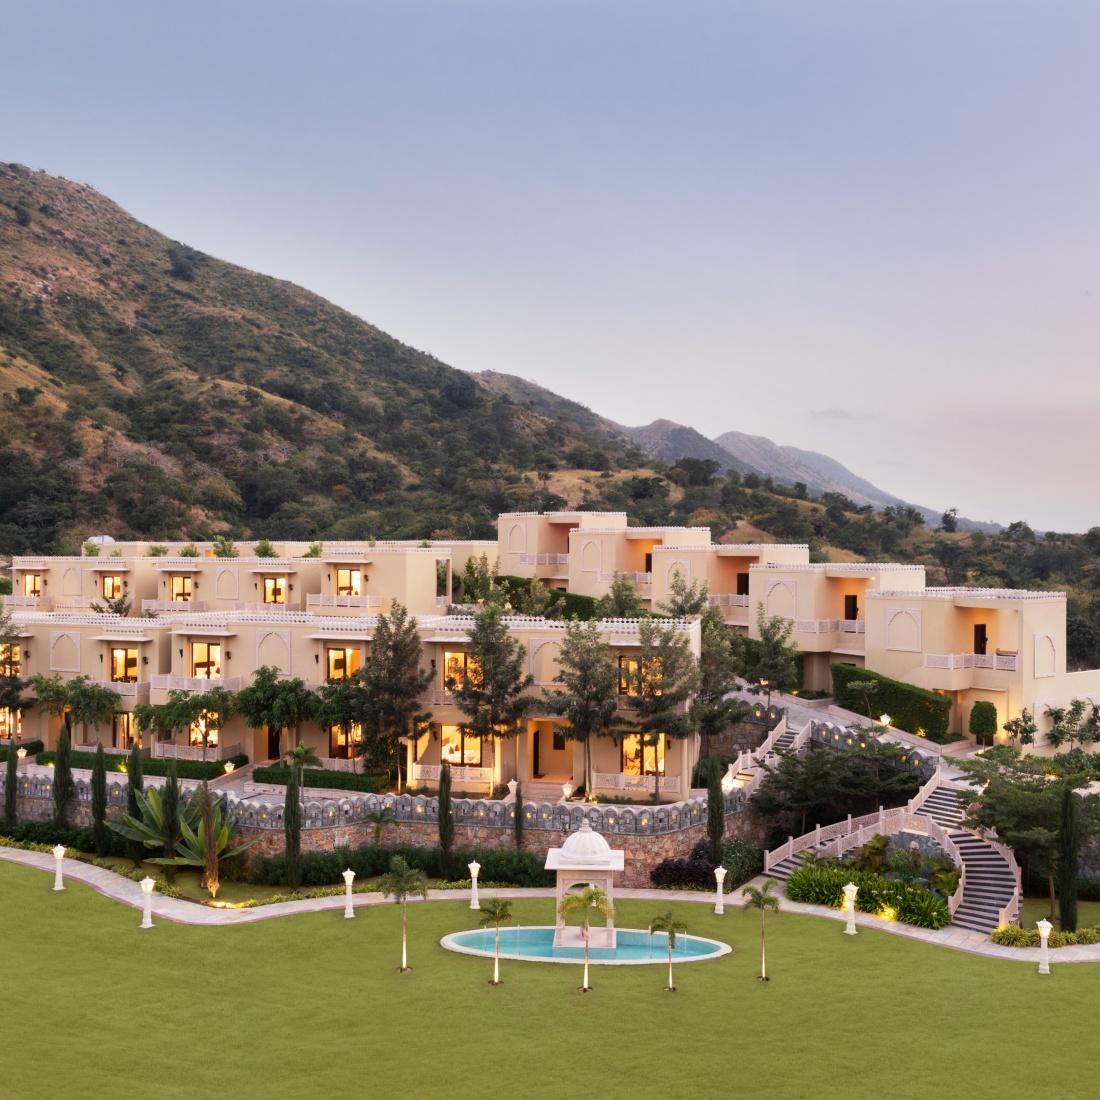 Raajsa Resort Kumbhalgarh Kumbhalgarh - Garden - 1336575